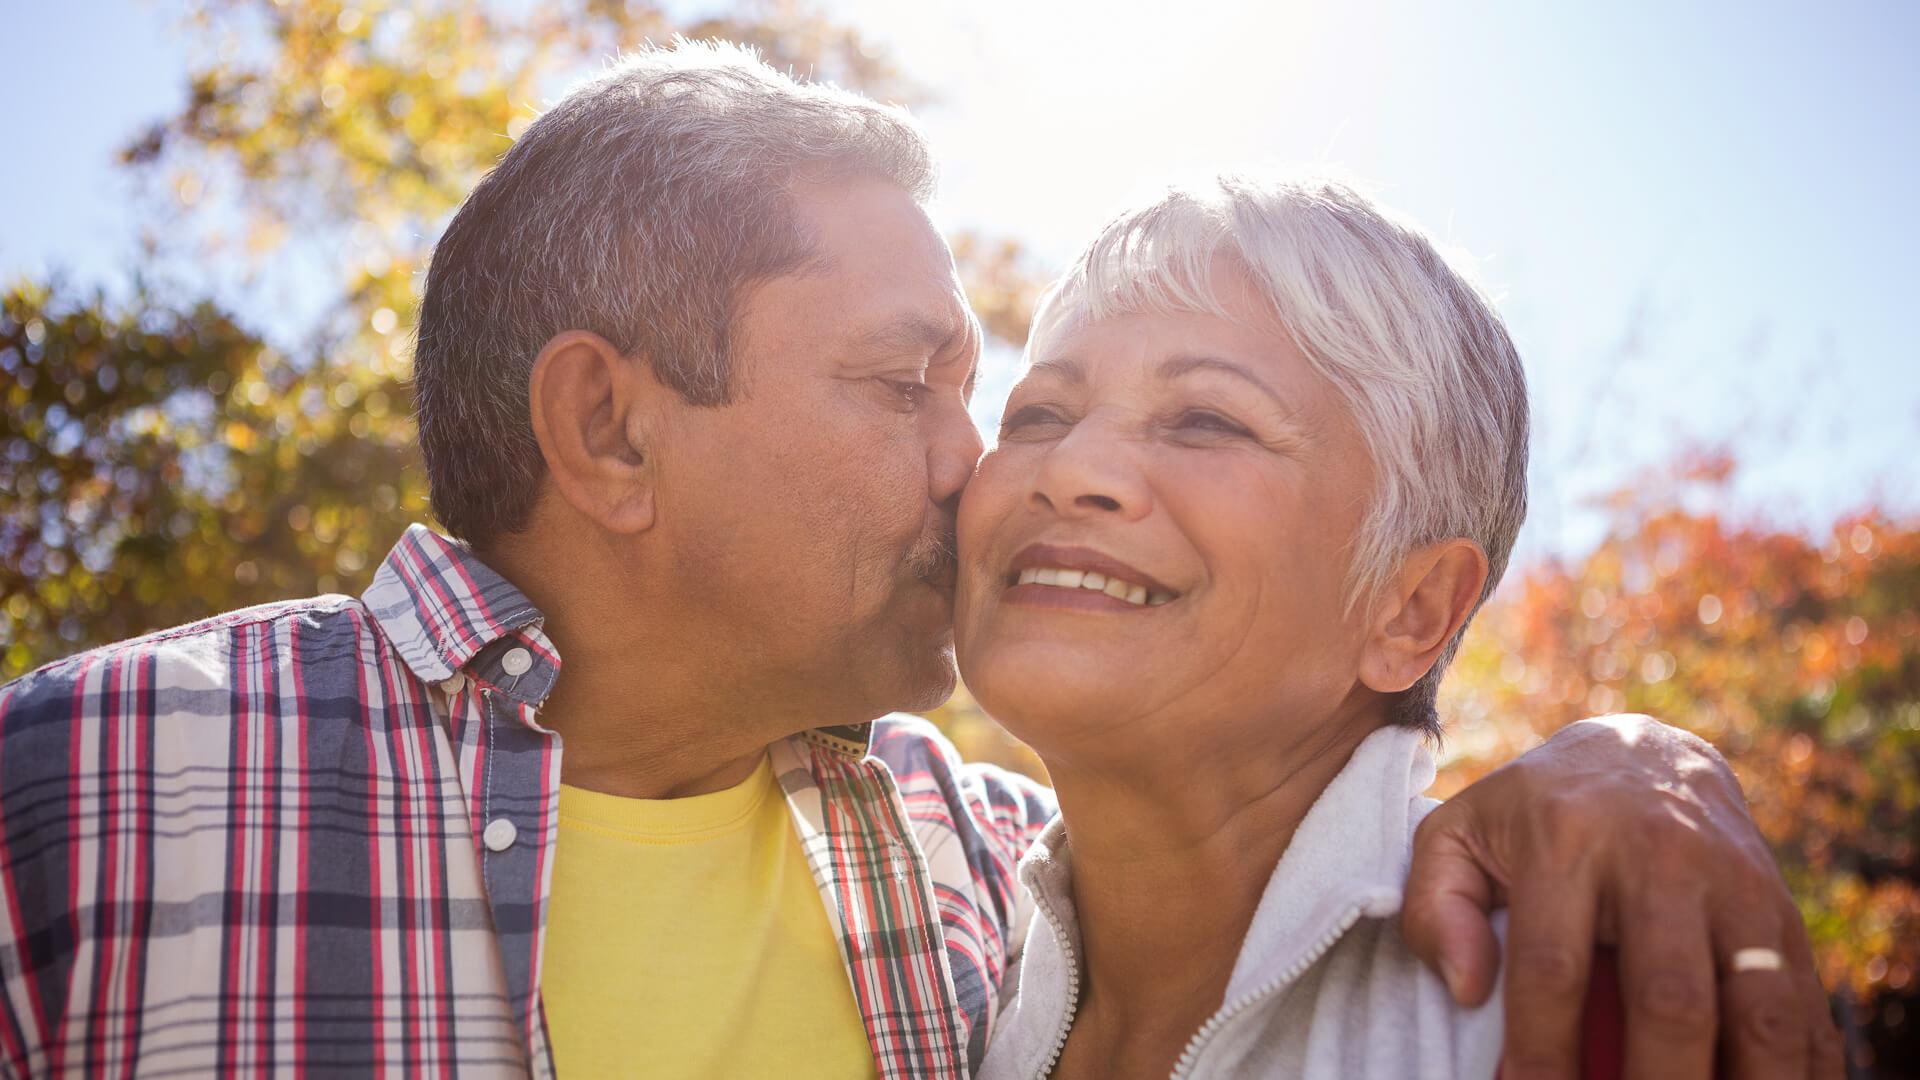 tax-friendly-states-for-retirees-seniors-grandparents